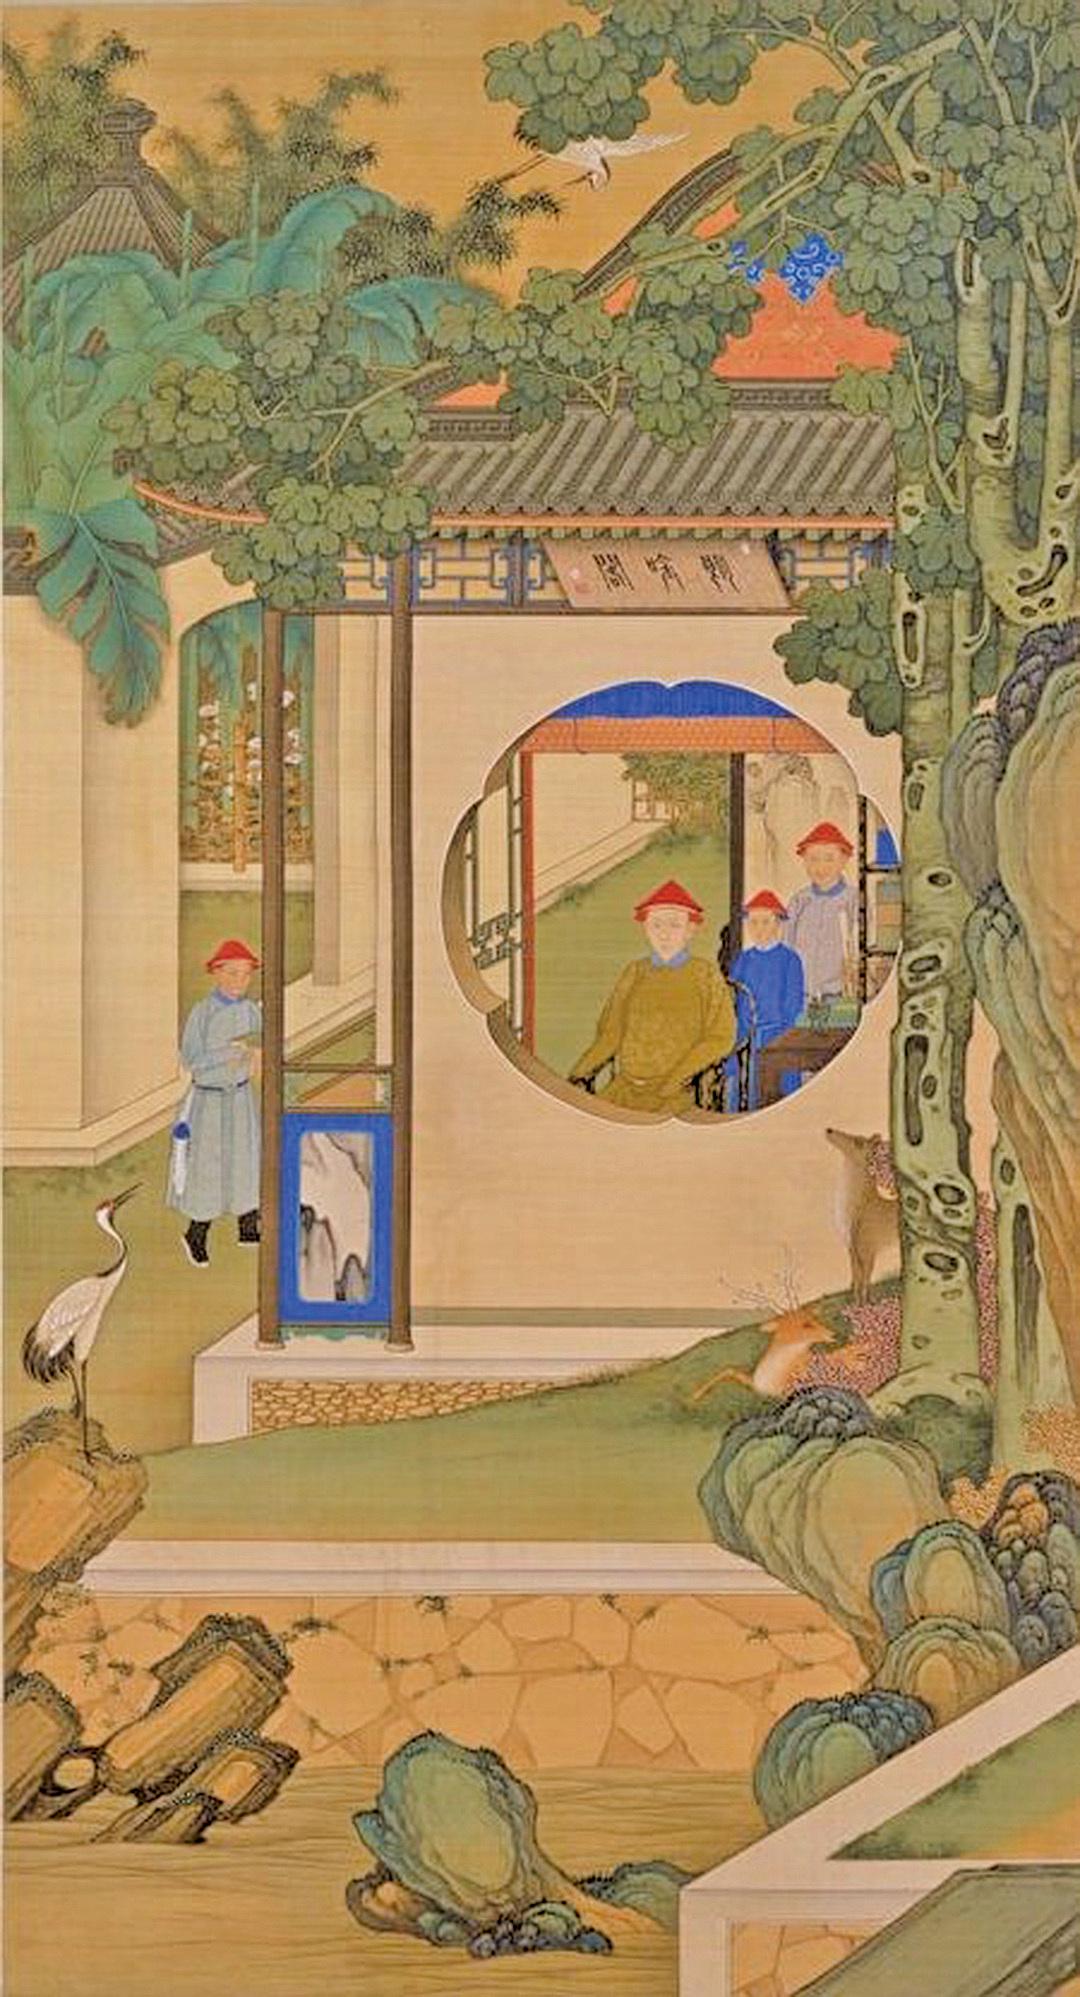 清人繪《胤禛朗吟閣圖》局部,描繪雍正為皇太子時,在圓明園內幽居的場景。北京故宮博物院藏。(公有領域)